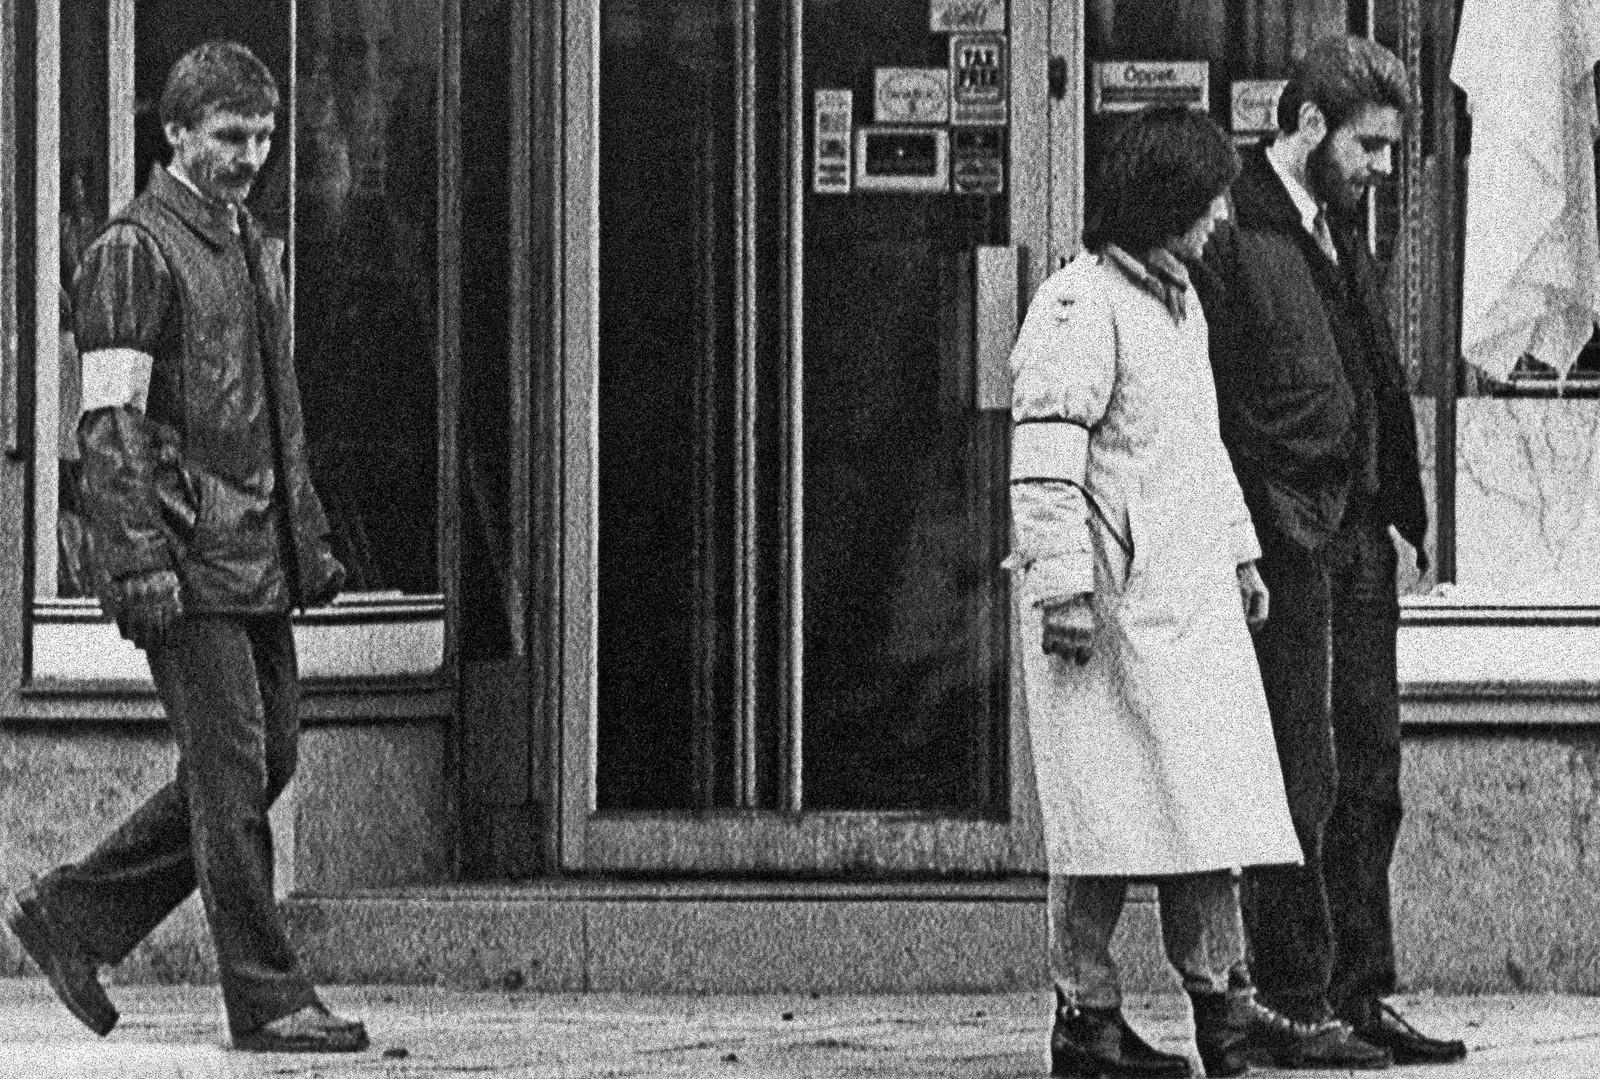 6. april 1986 rekontruerte politiet drapet i området Palme ble drept. Polititjentene på bildet skulle være ekteparet Palme som blir fulgt av en ukjent morder.